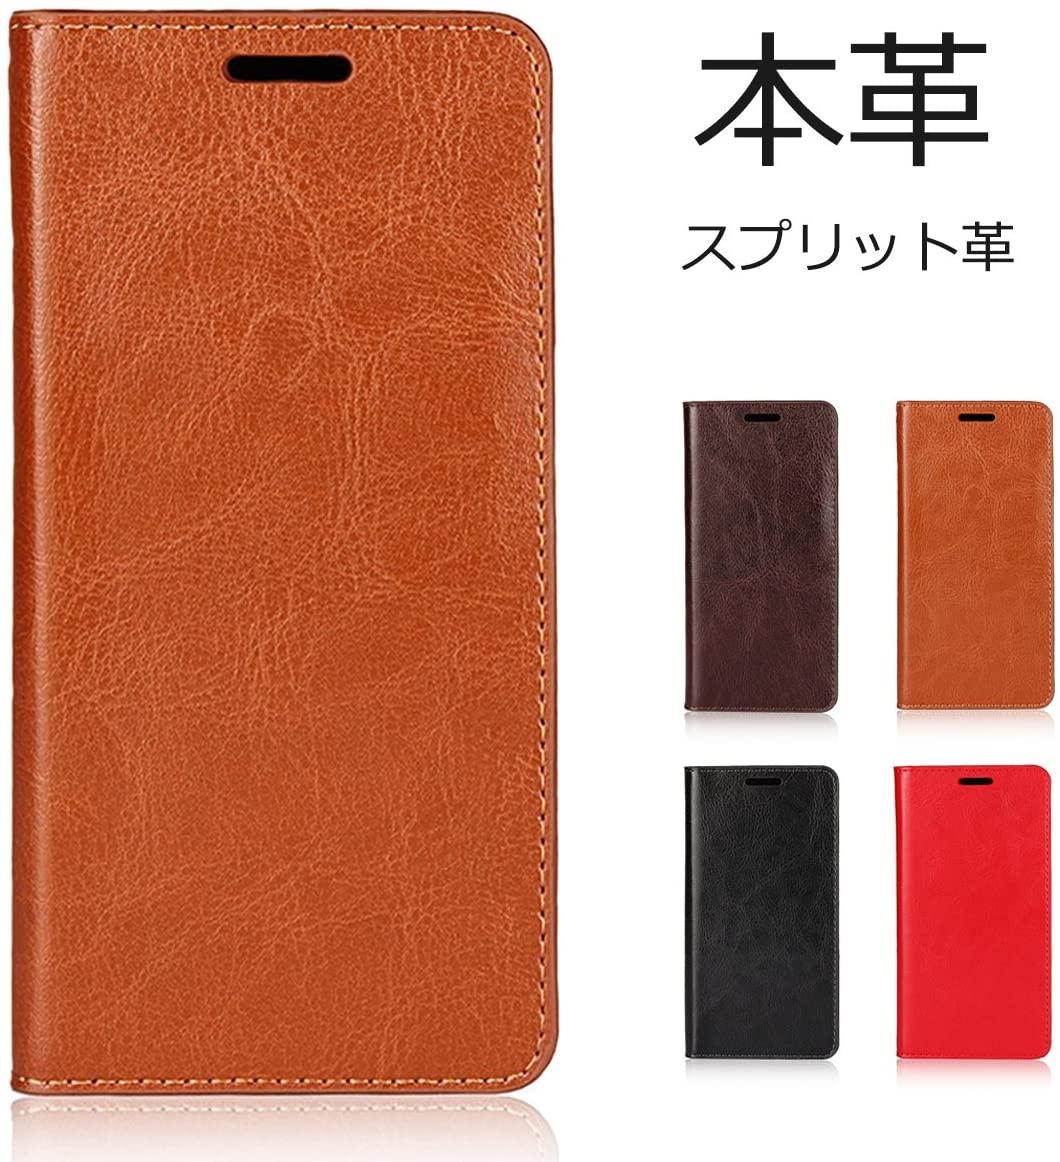 スマートフォン・携帯電話アクセサリー, ケース・カバー Motorola MOTO G7 (G7 PLUS MOTO G7 (G7 PLUS case